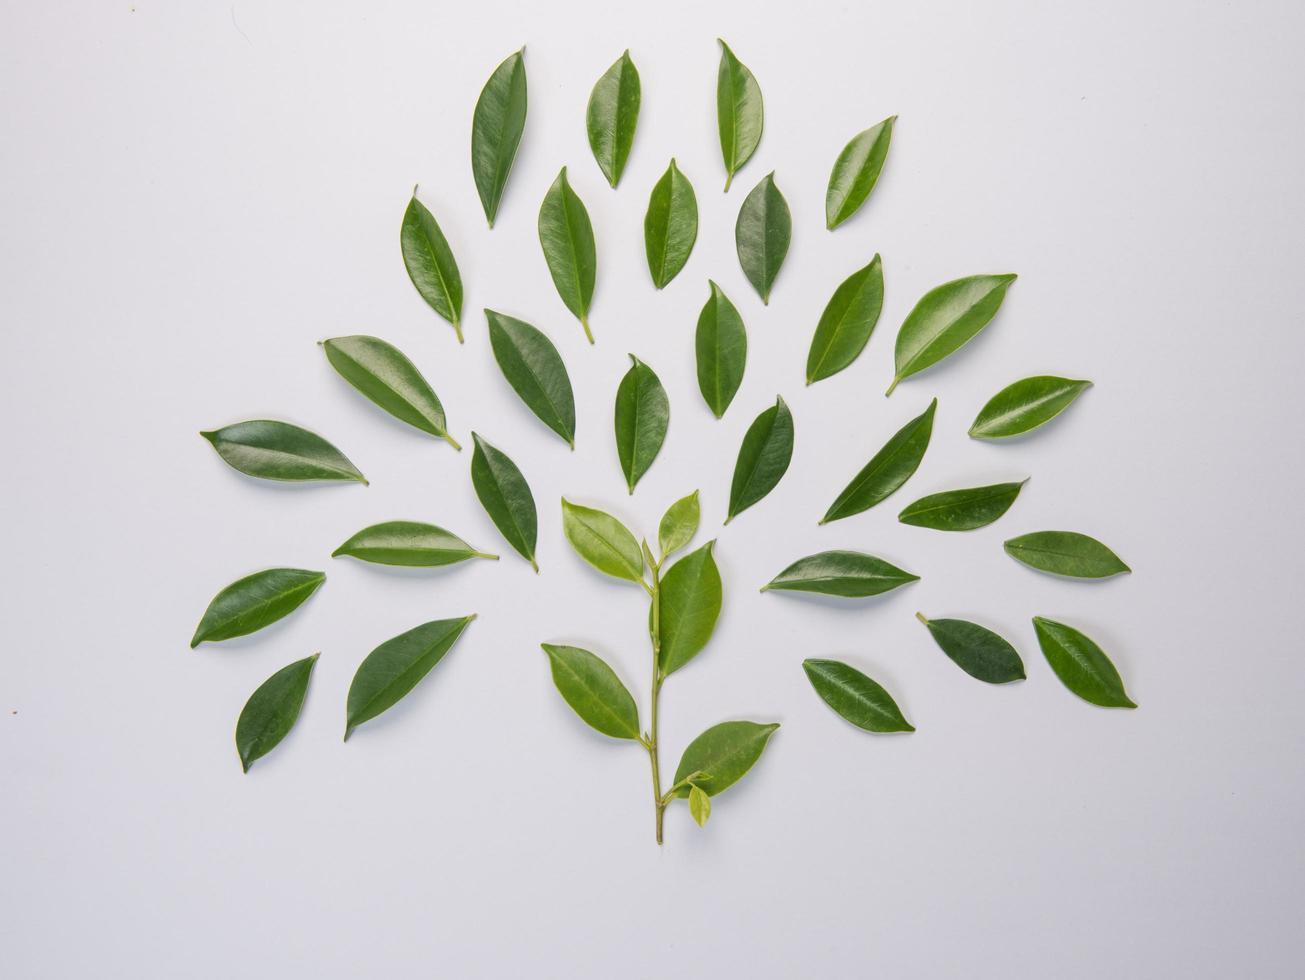 hojas sobre fondo blanco foto